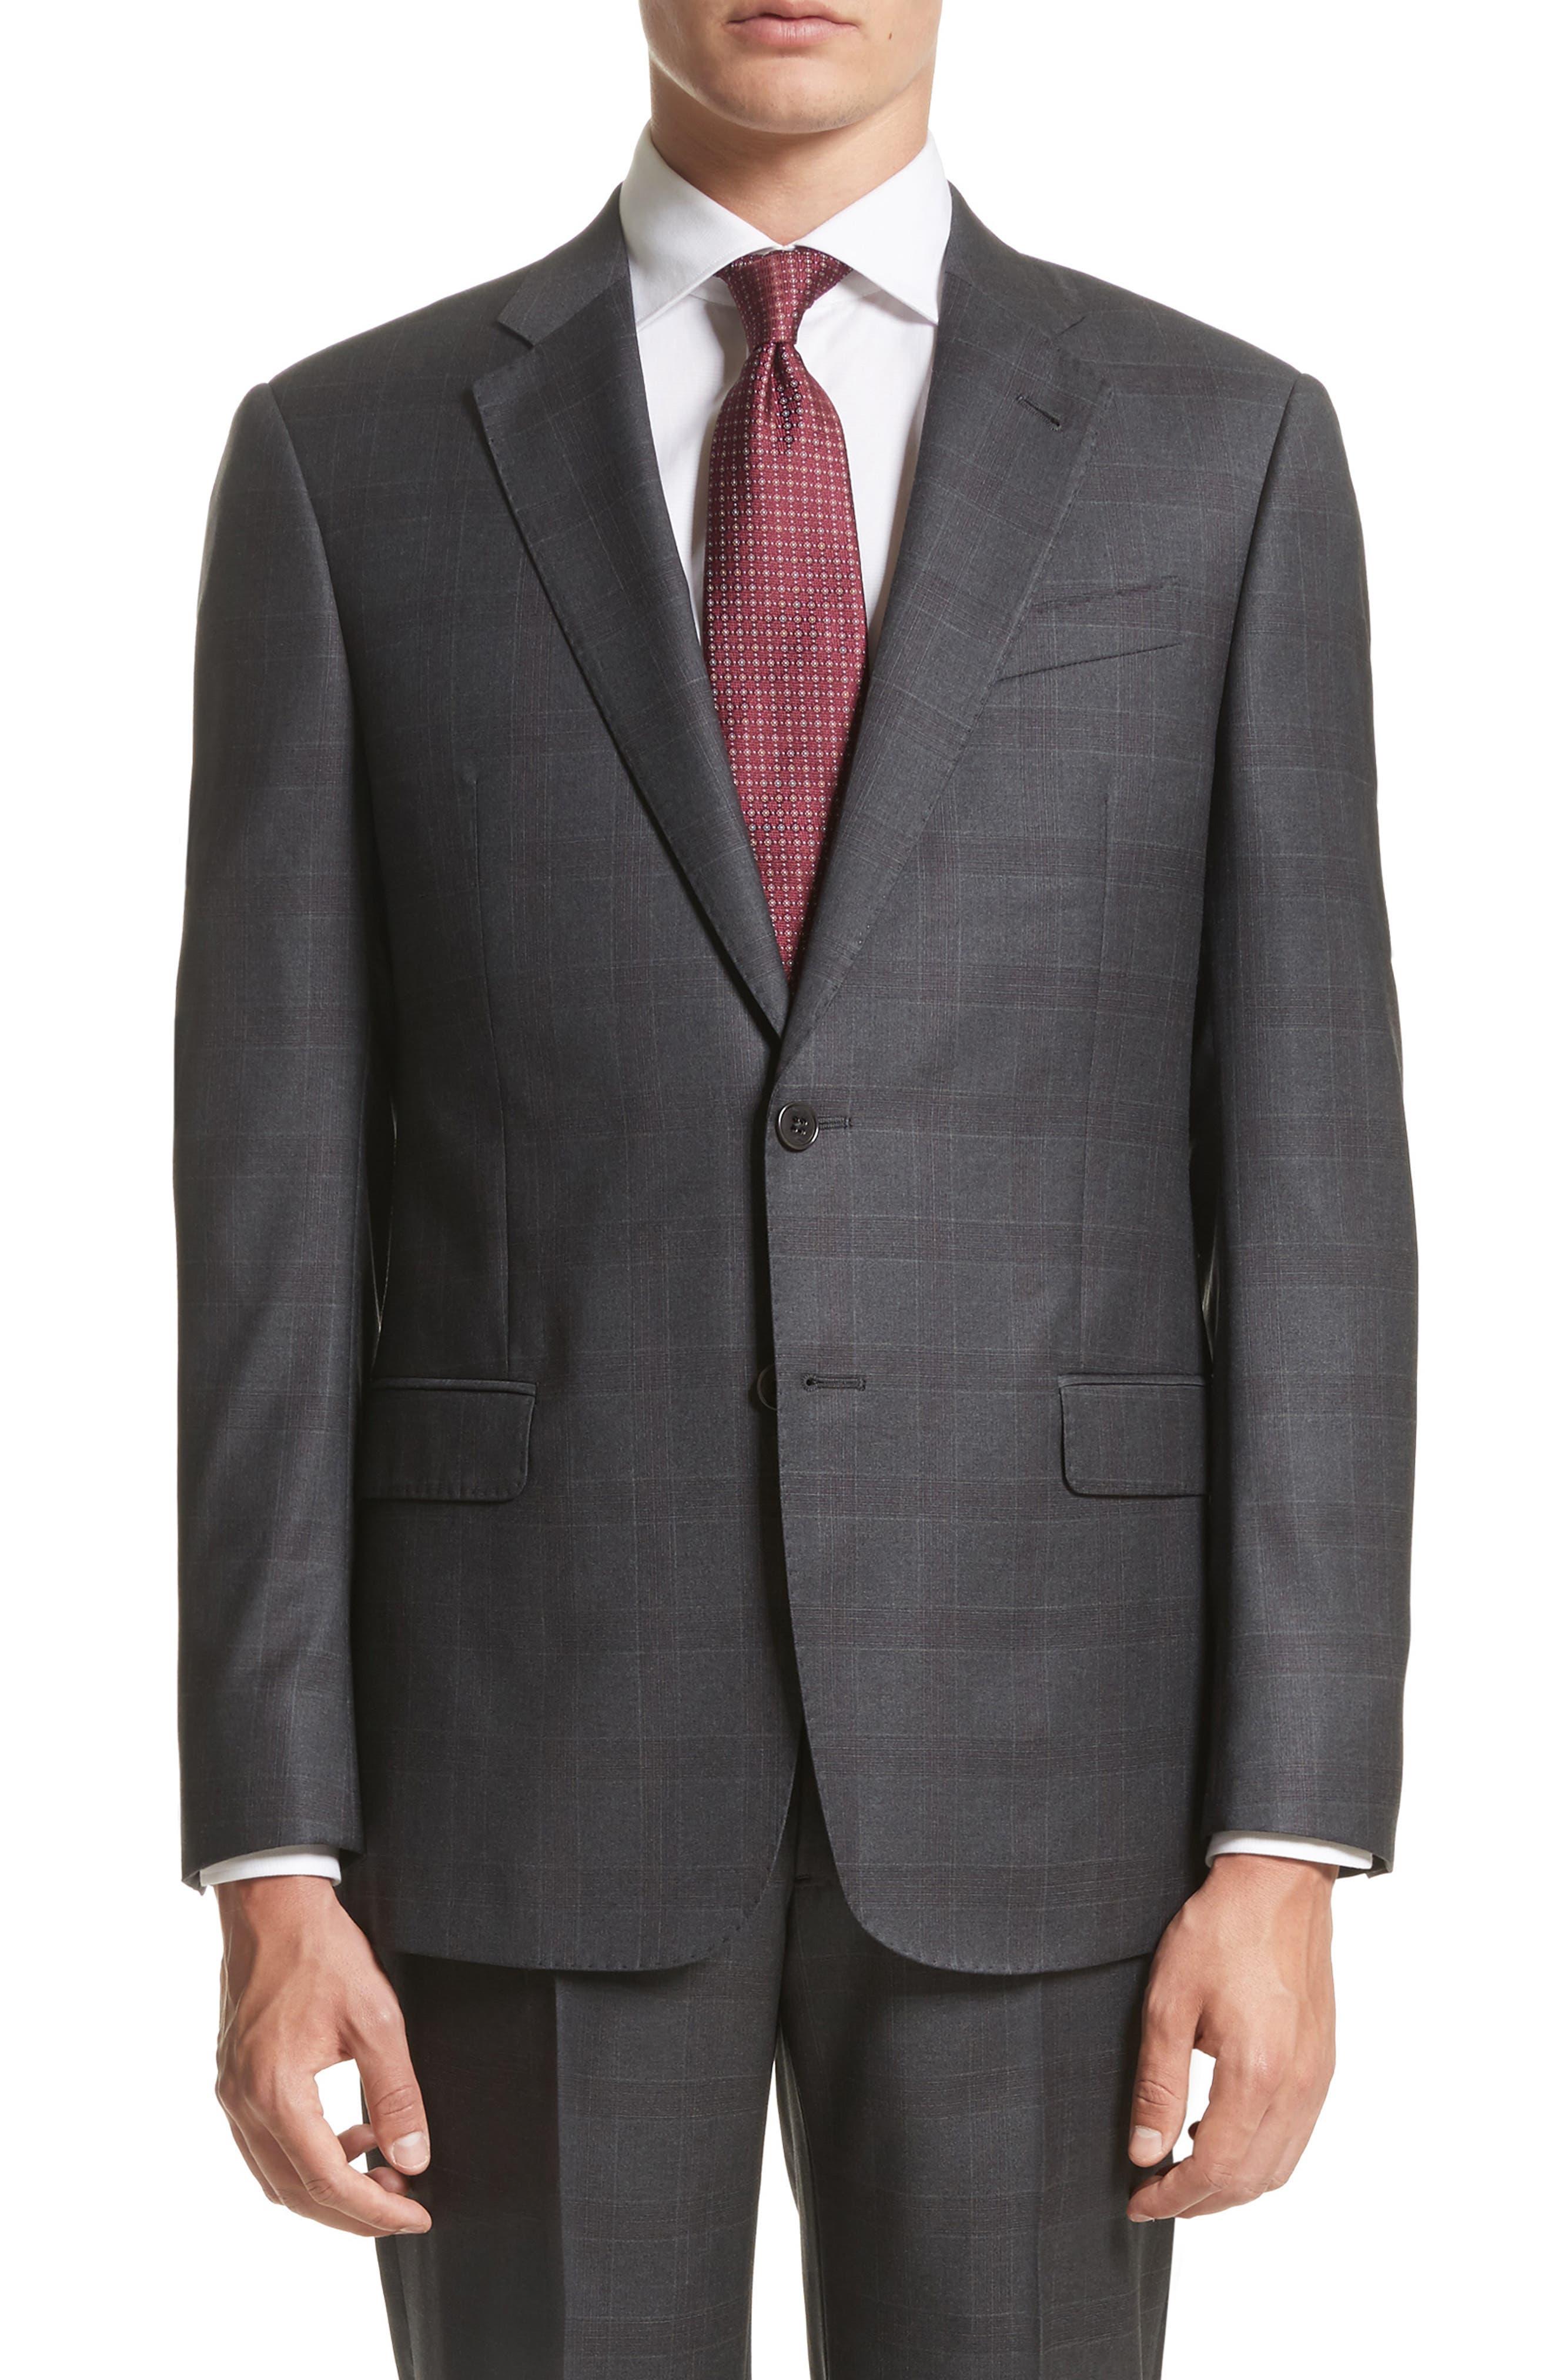 G-Line Trim Fit Plaid Wool Suit,                             Alternate thumbnail 5, color,                             038